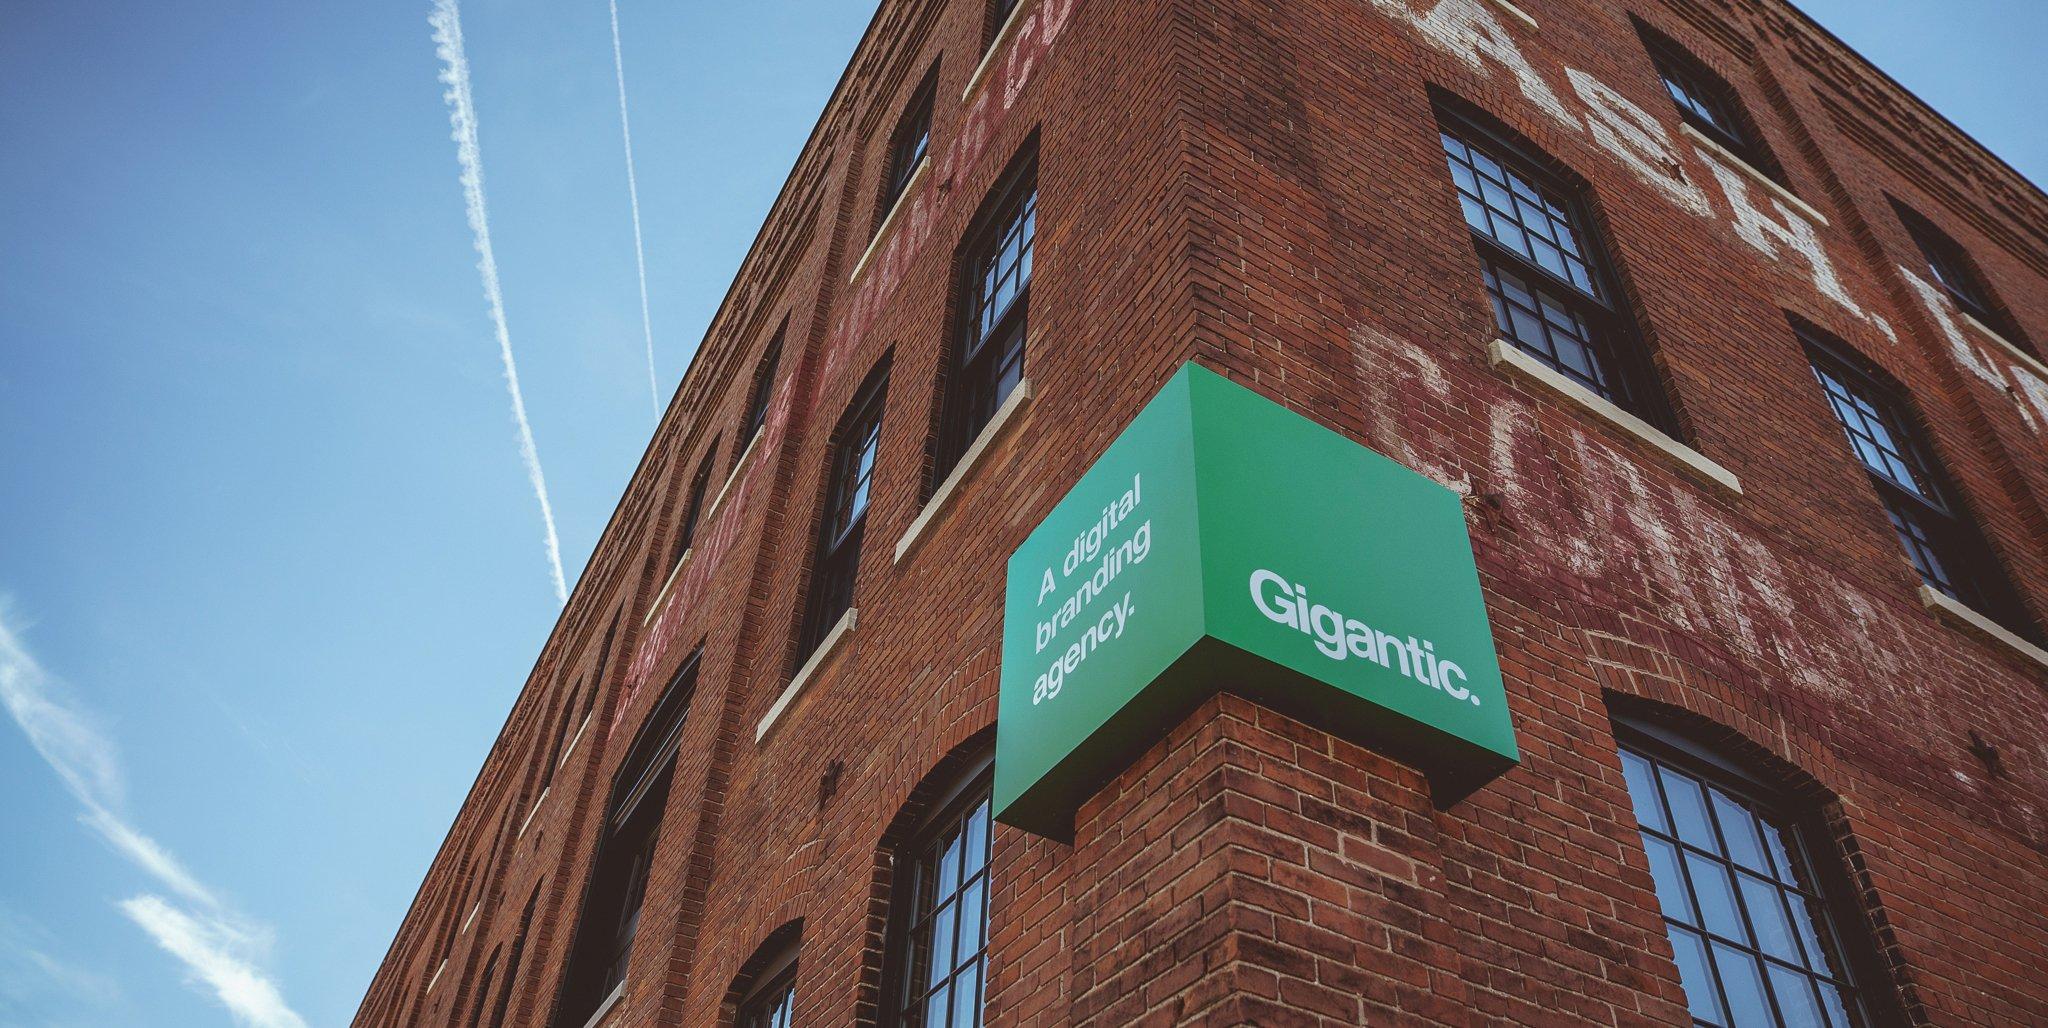 Gigantic Design in Dubuque, Iowa